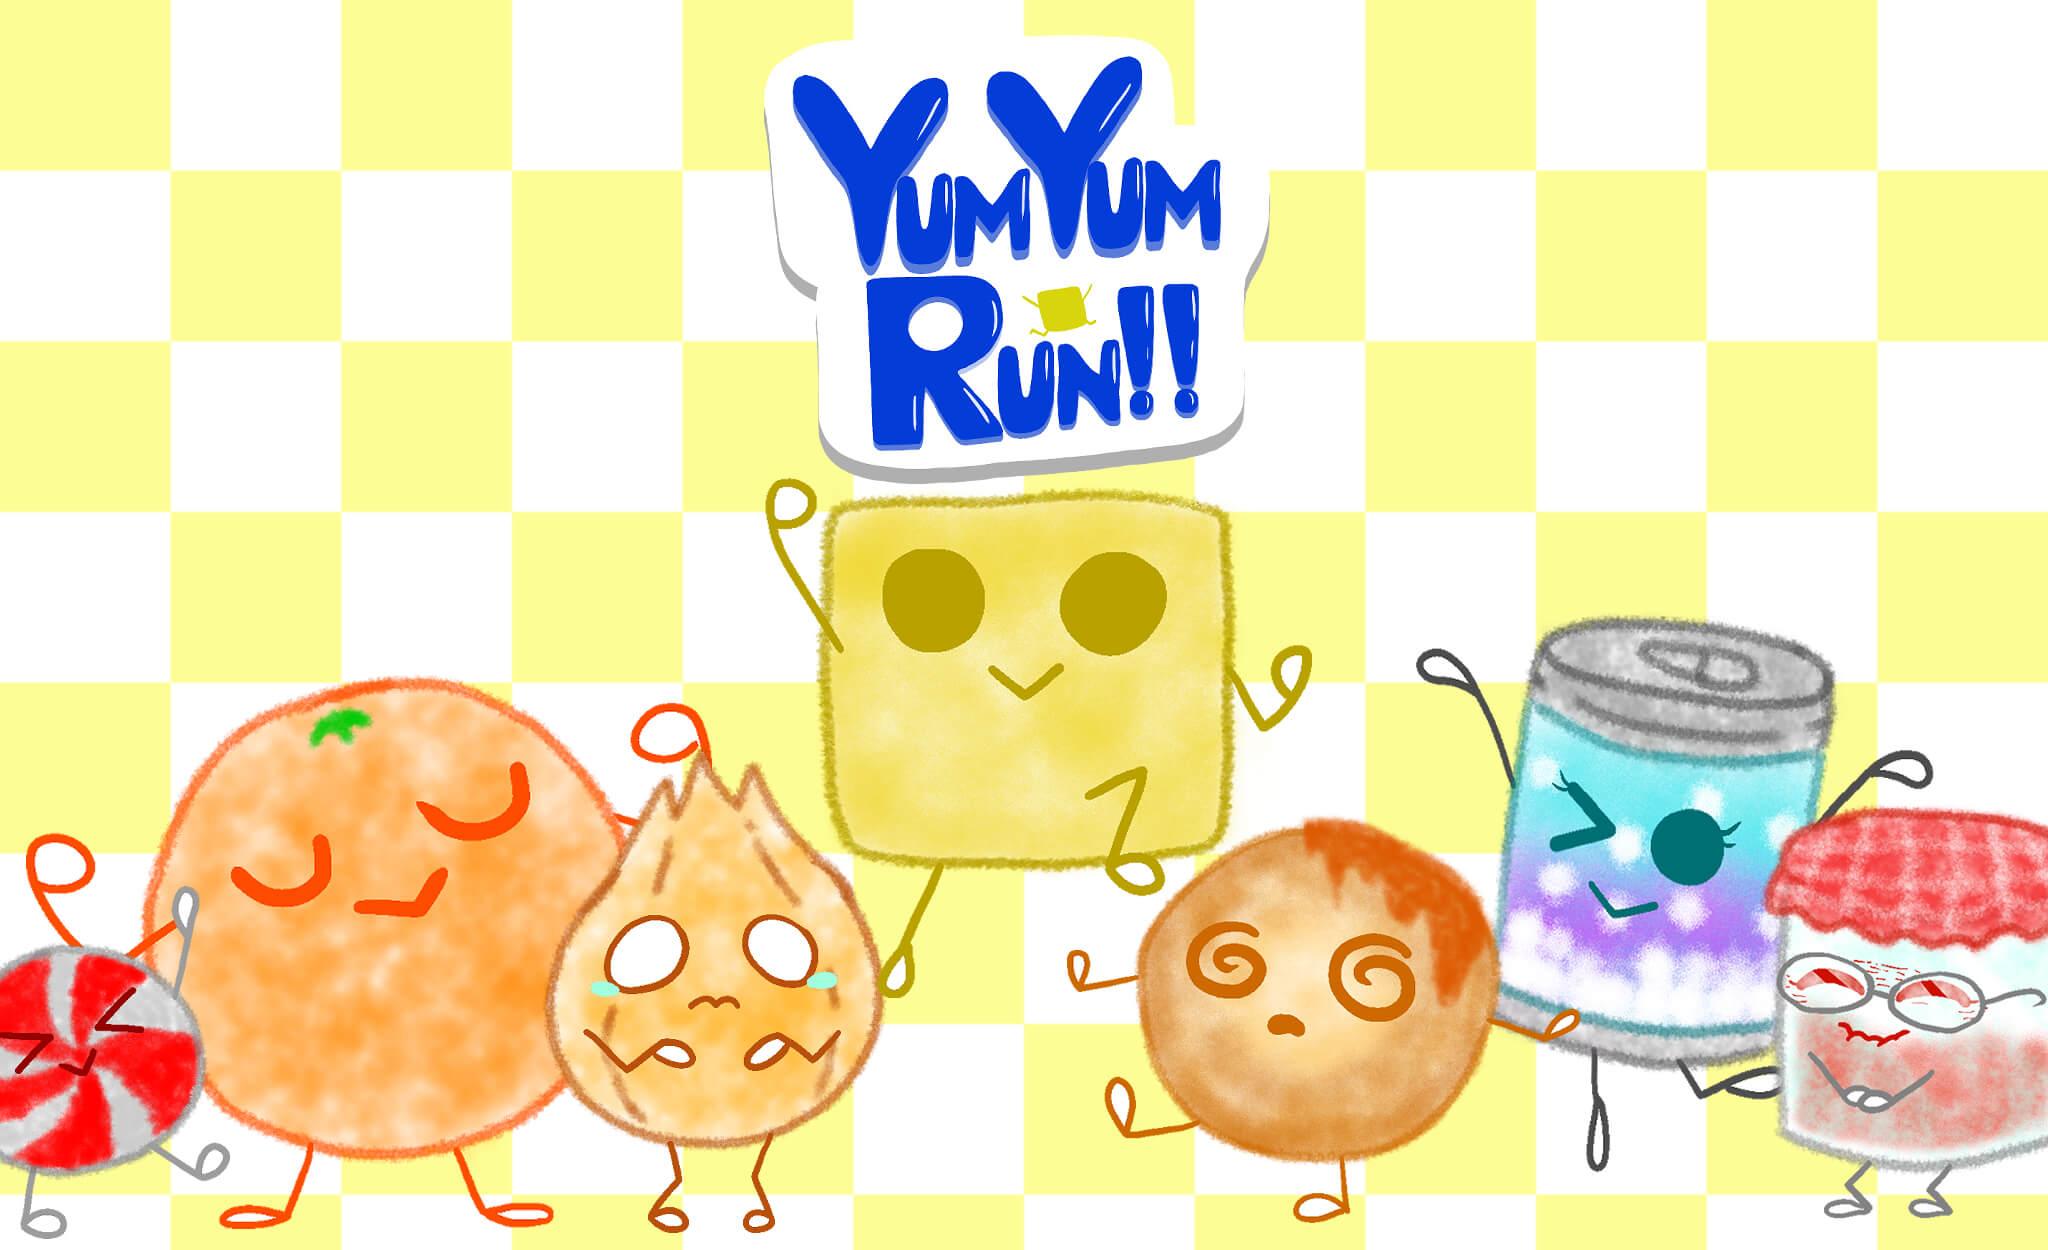 Maya_Tomlinson-Yum-Yum-Run_Promo